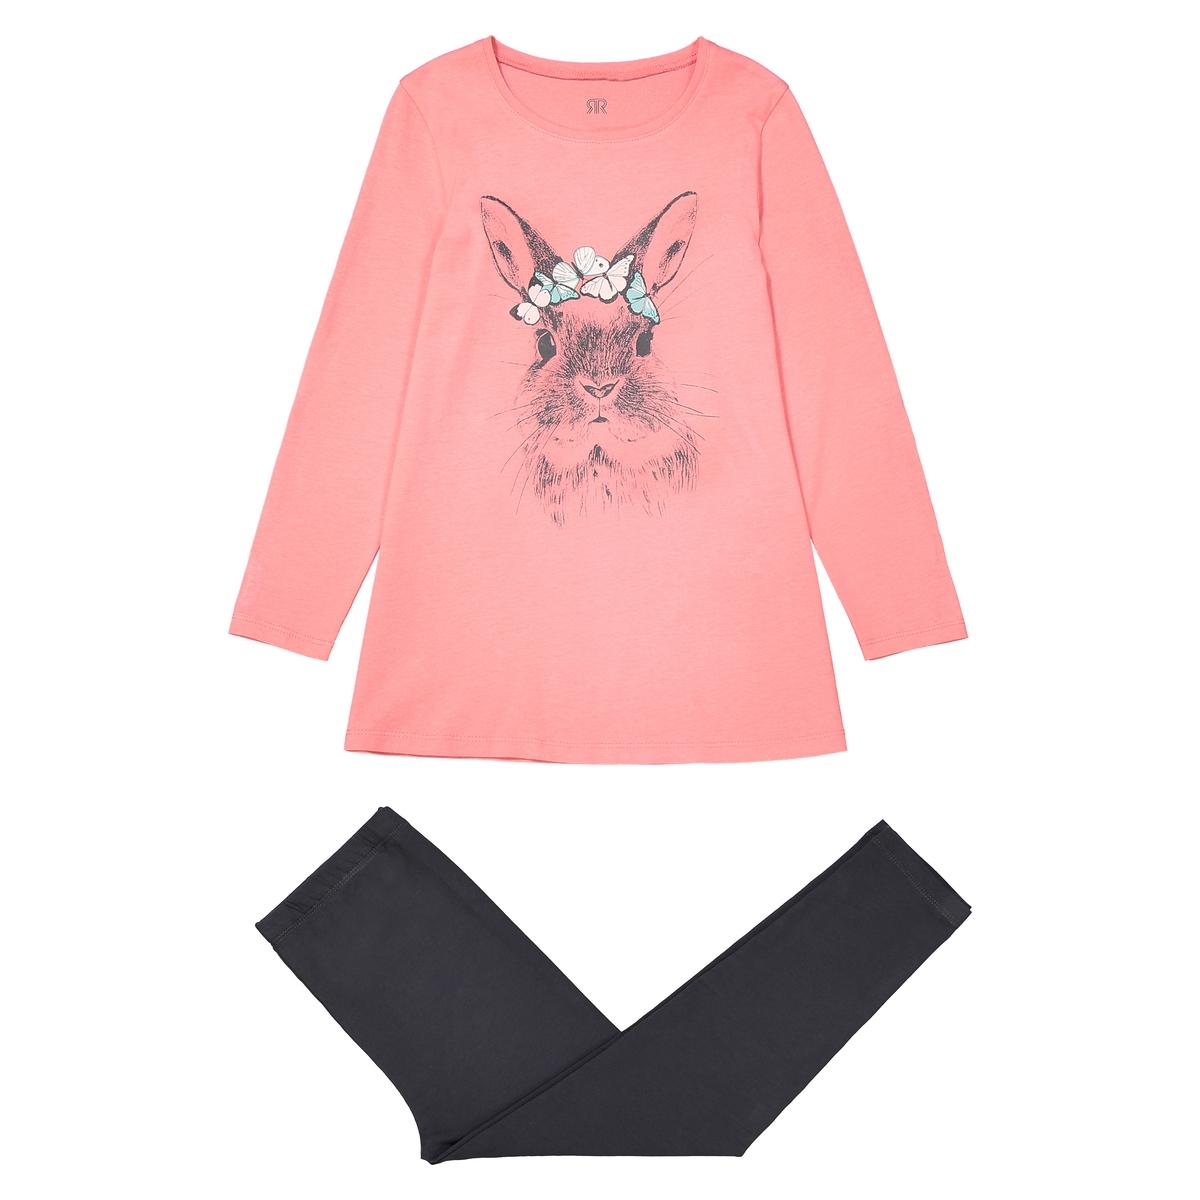 Пижама из хлопка с рисунком 3-12 лет футболка с рисунком ананас 100% хлопка для от 1 месяца до 3 лет